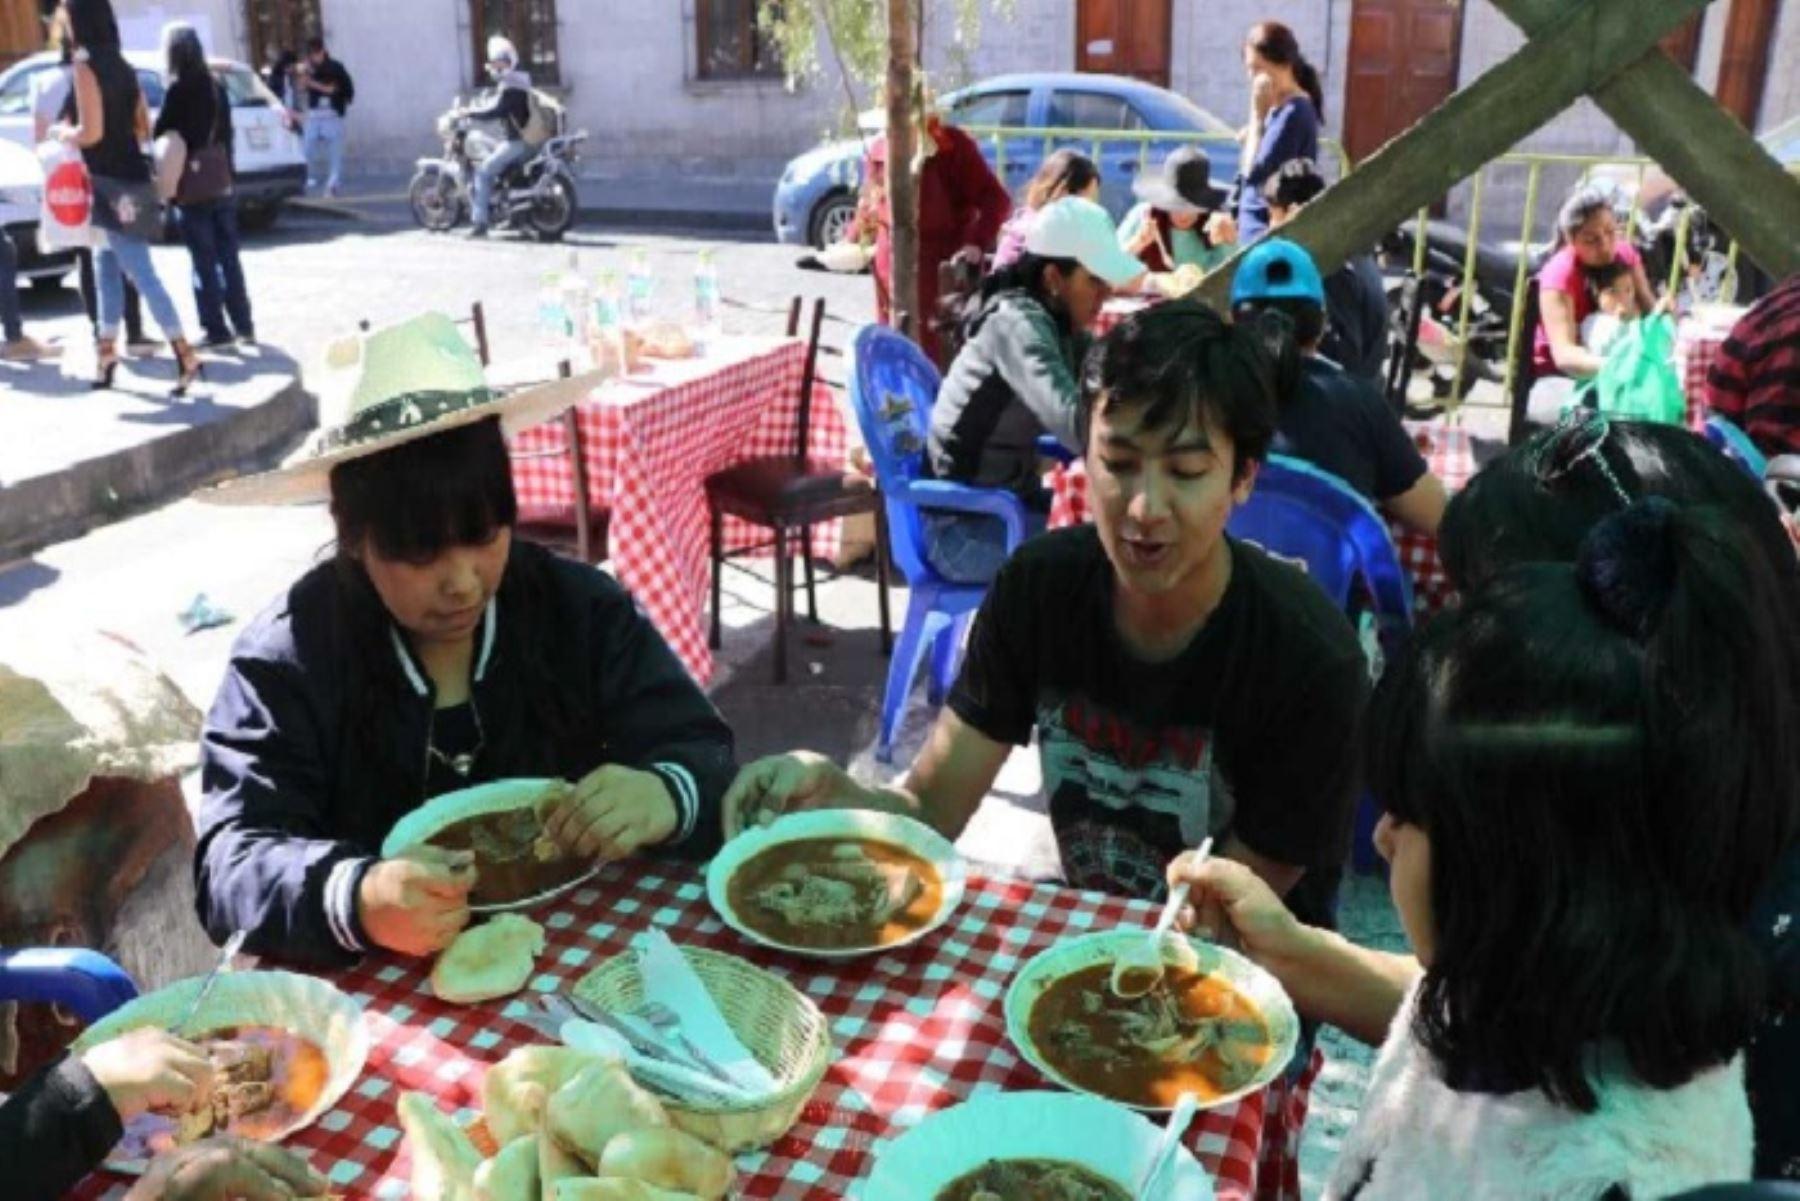 En el Festival del Adobo Cameyno, que se realizó en la víspera, se vendieron  más de 5,000 platos de este plato tradicional de la gastronomía de Arequipa, que se consume los domingos por la mañana, y que fue degustado por los turistas nacionales y extranjeros.